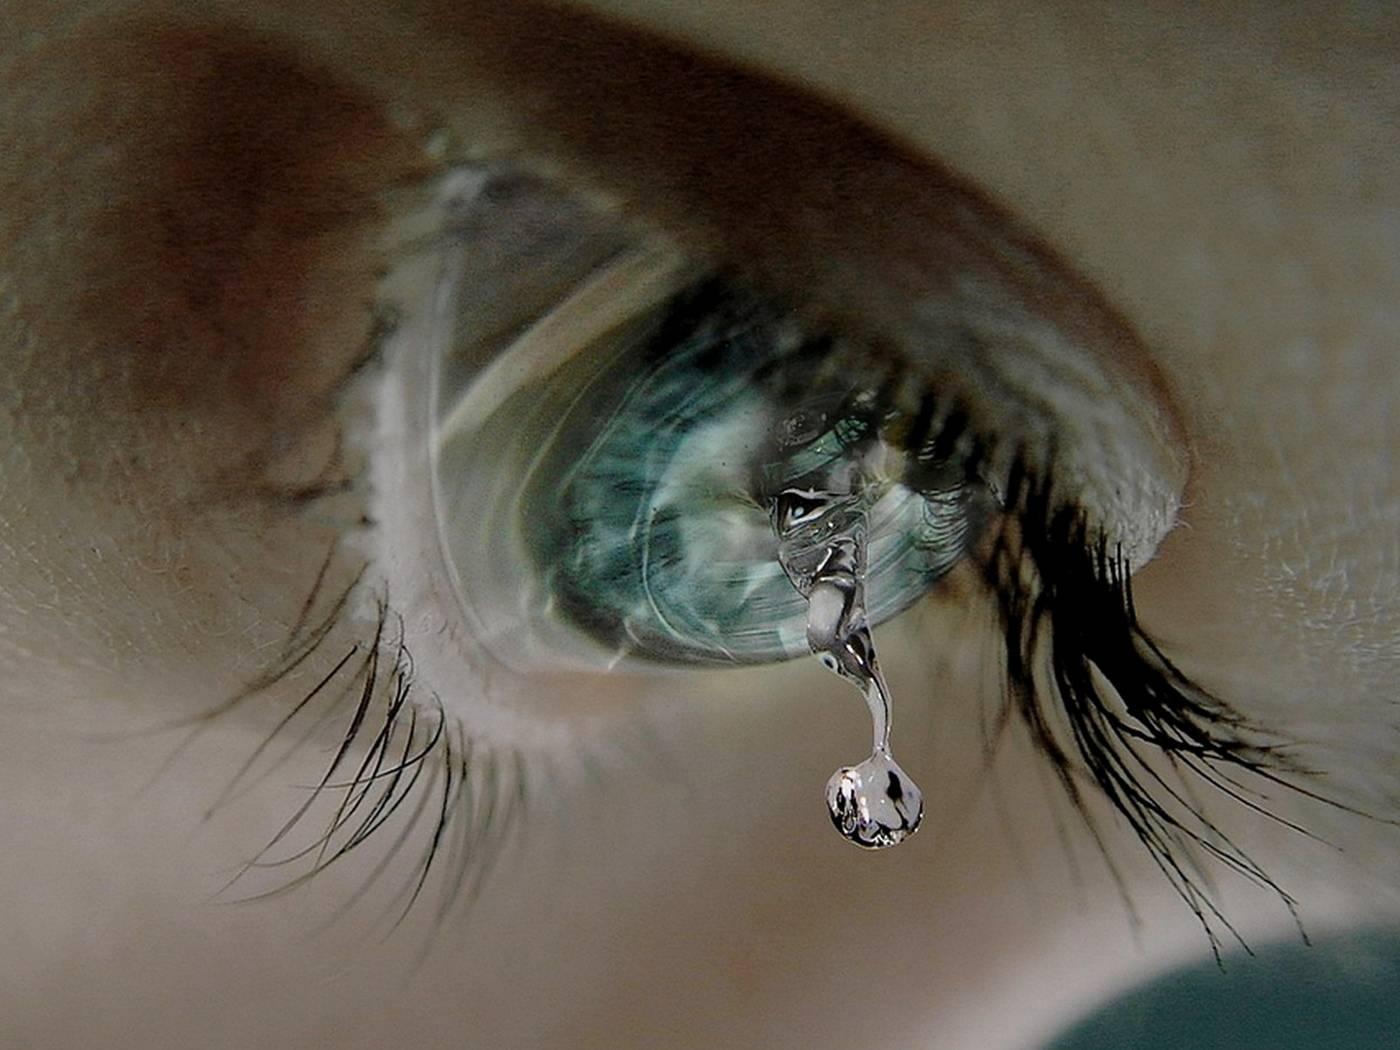 Очень сильно болят глаза после слез